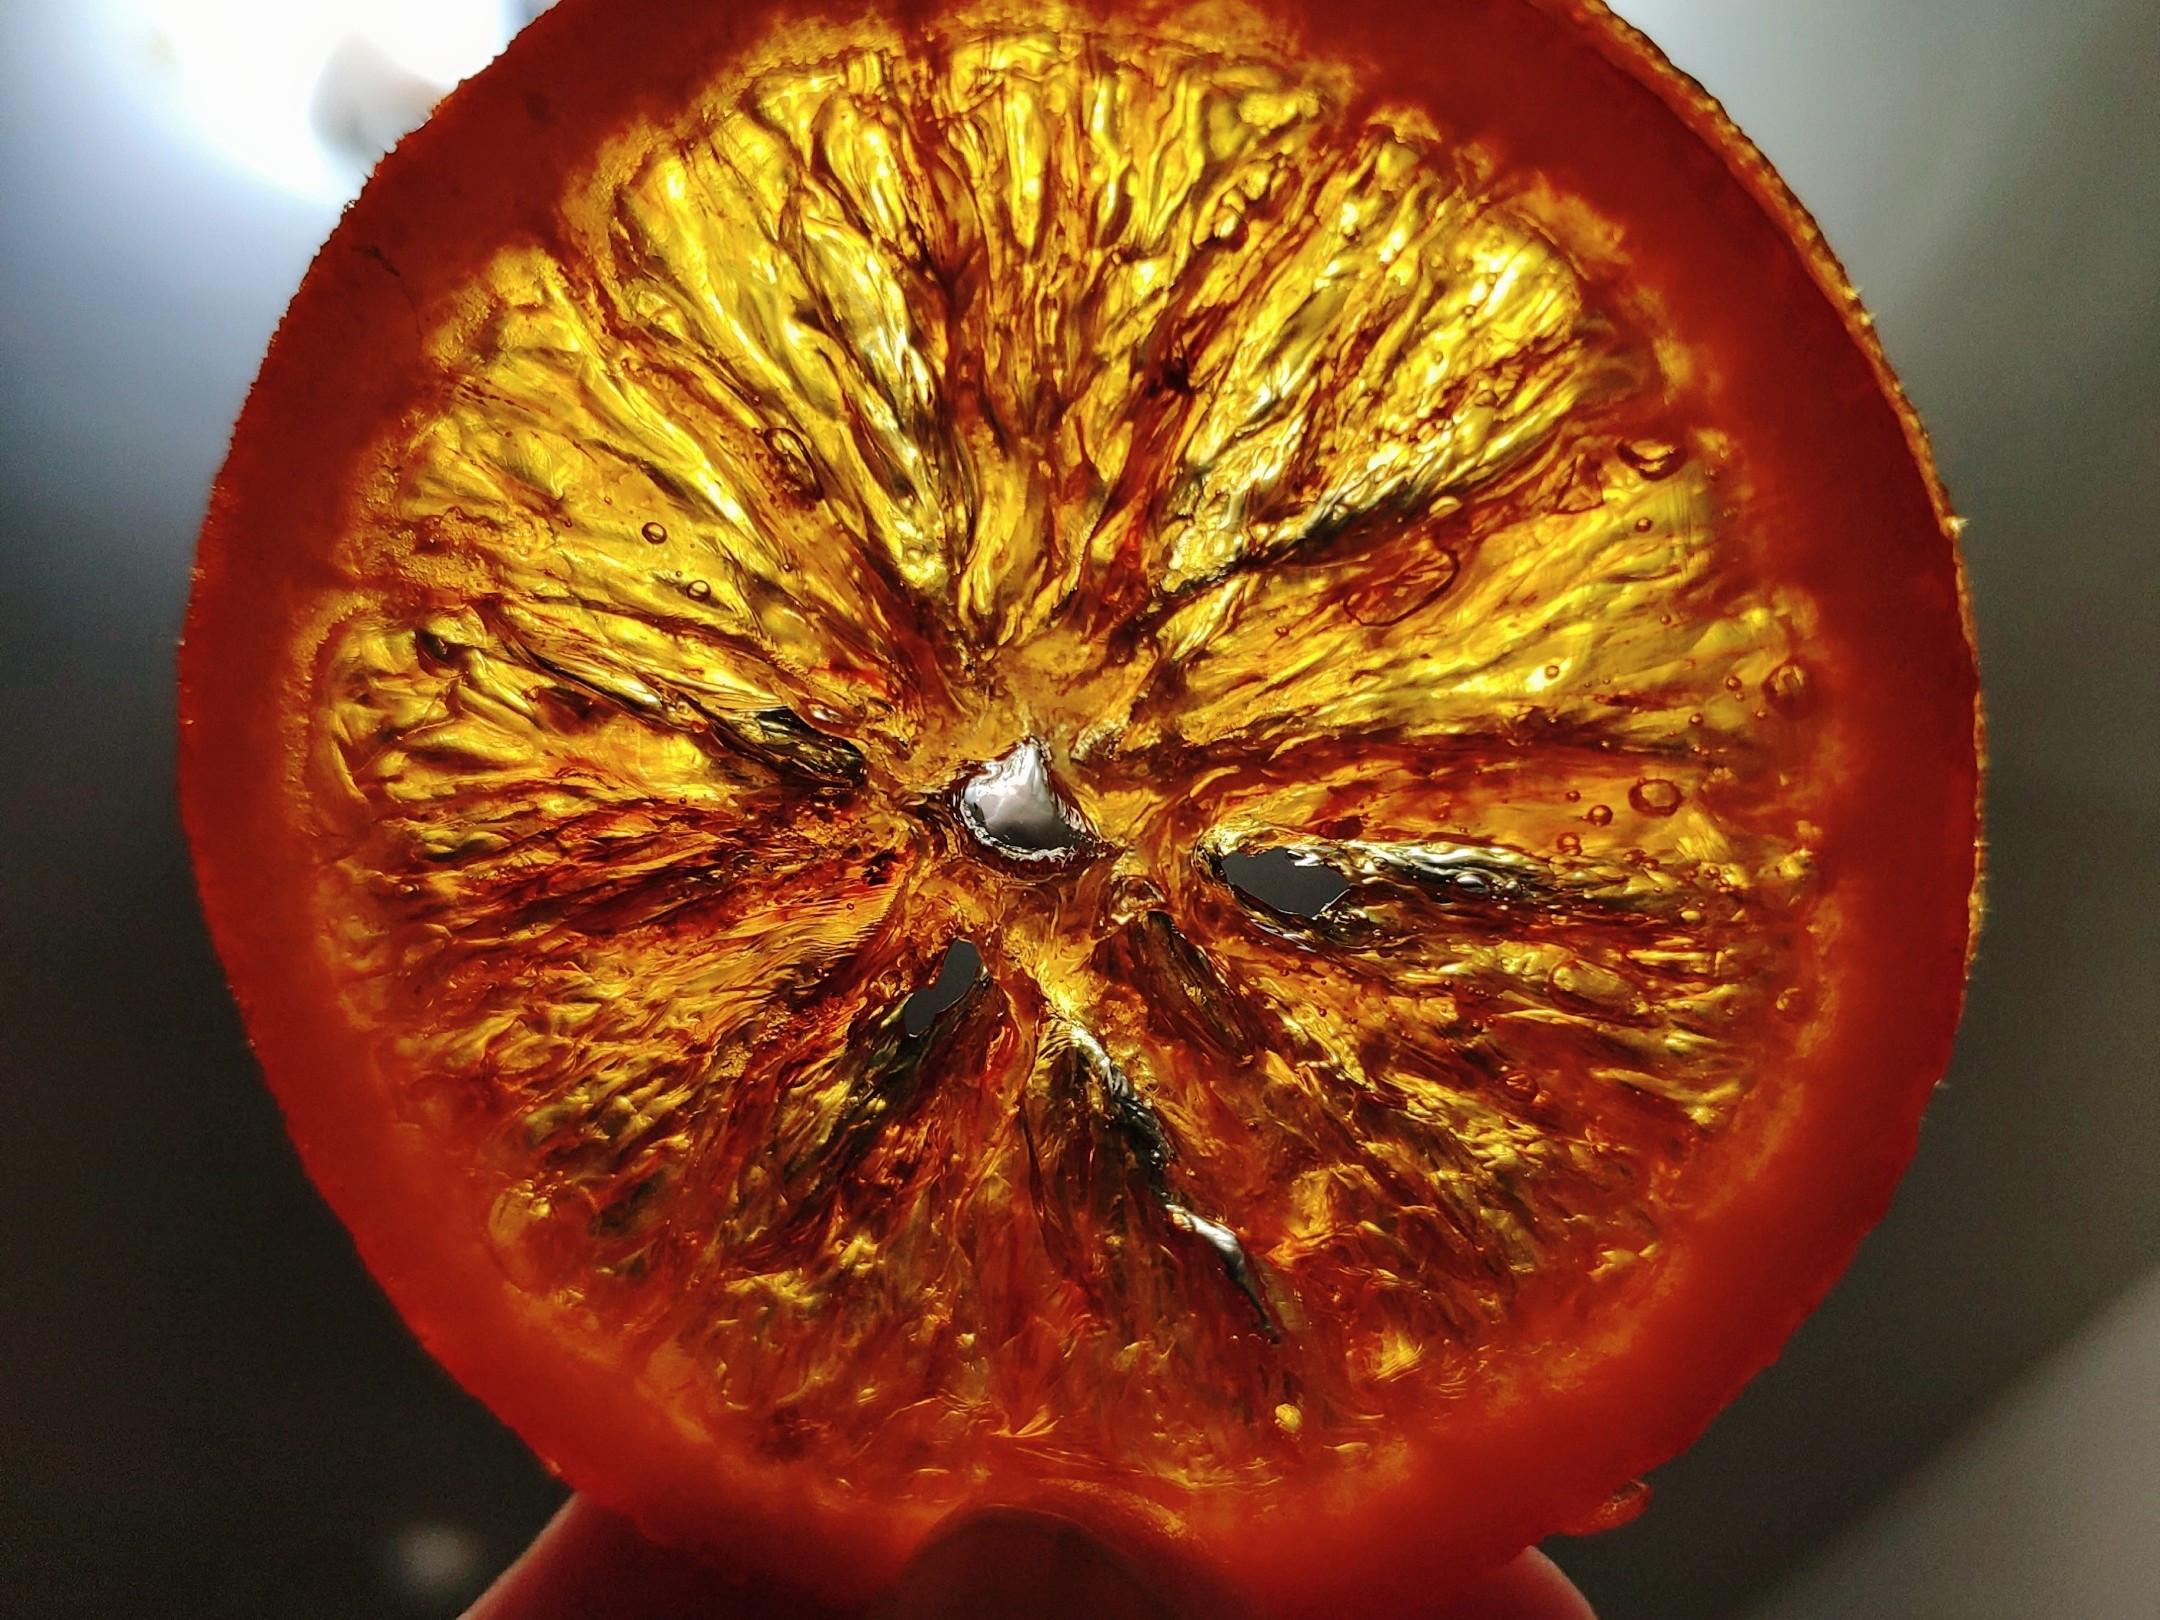 晶瑩剔透的~橙片~